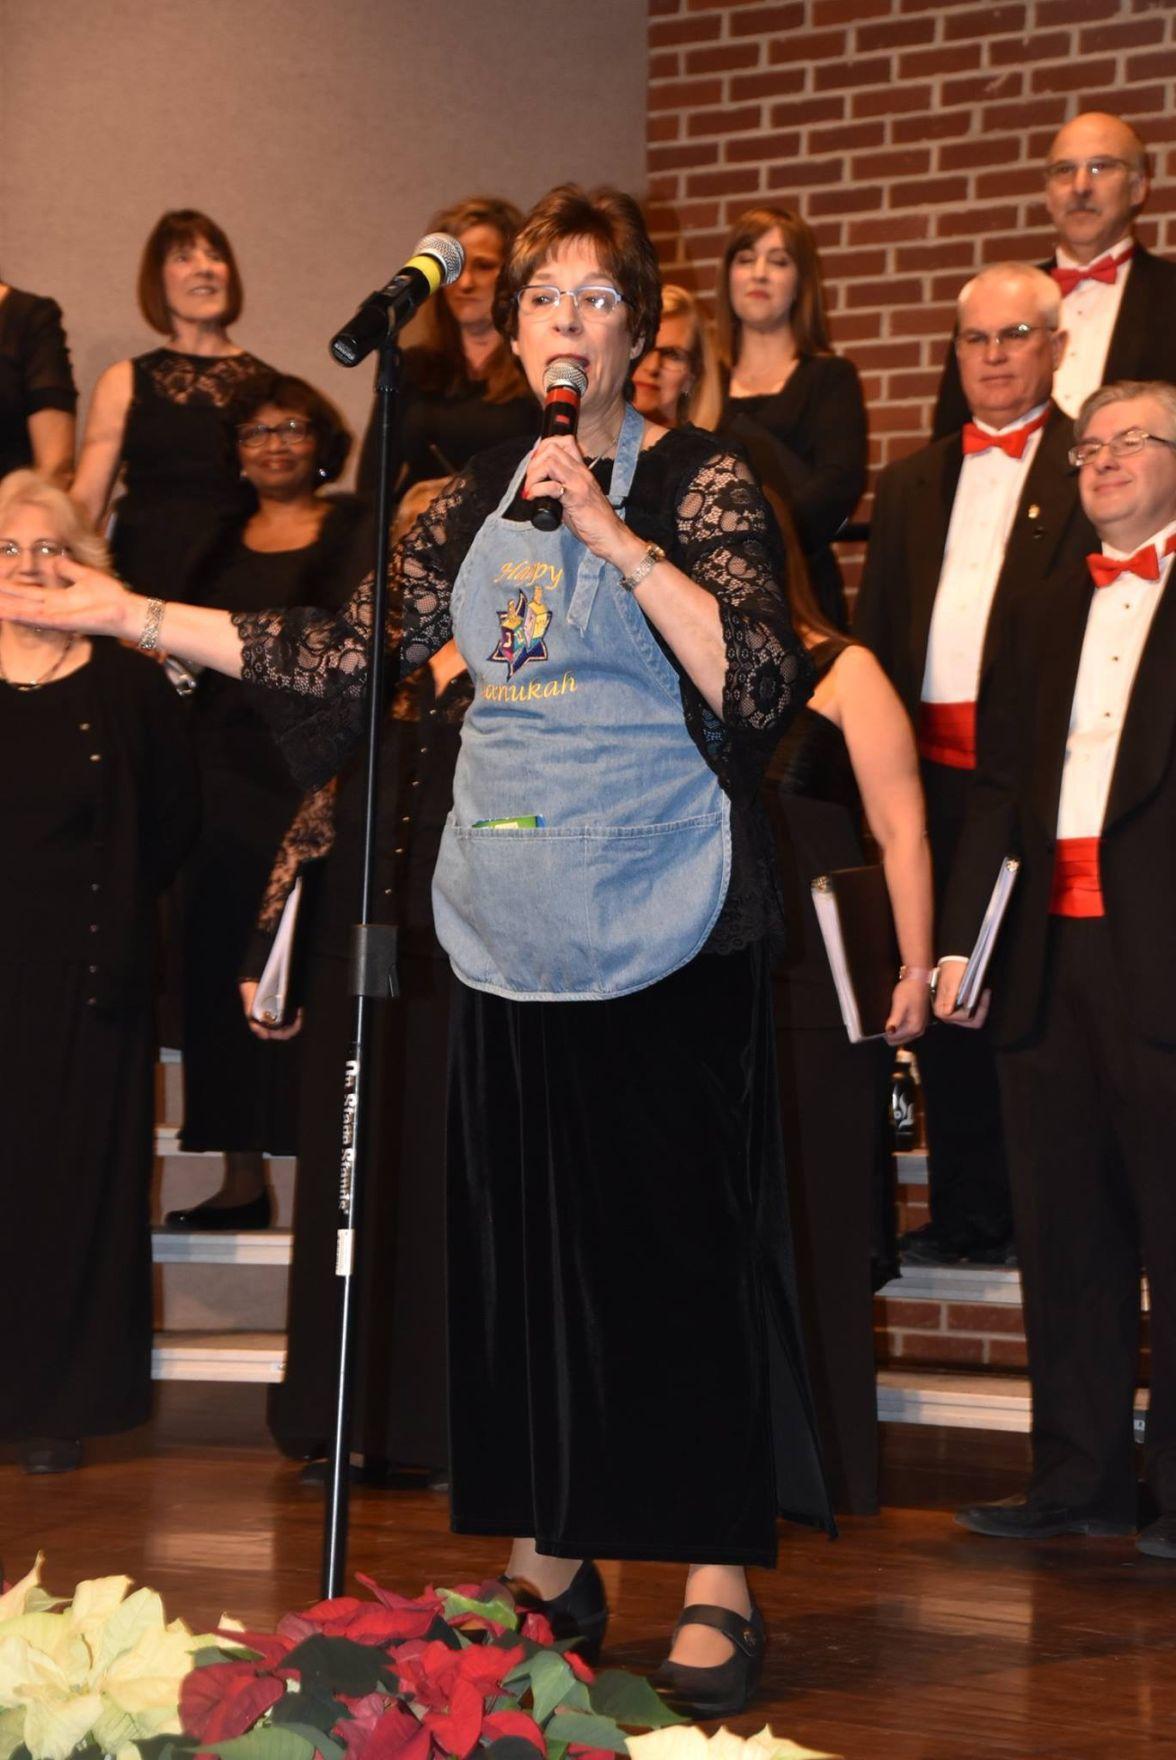 Greene singing